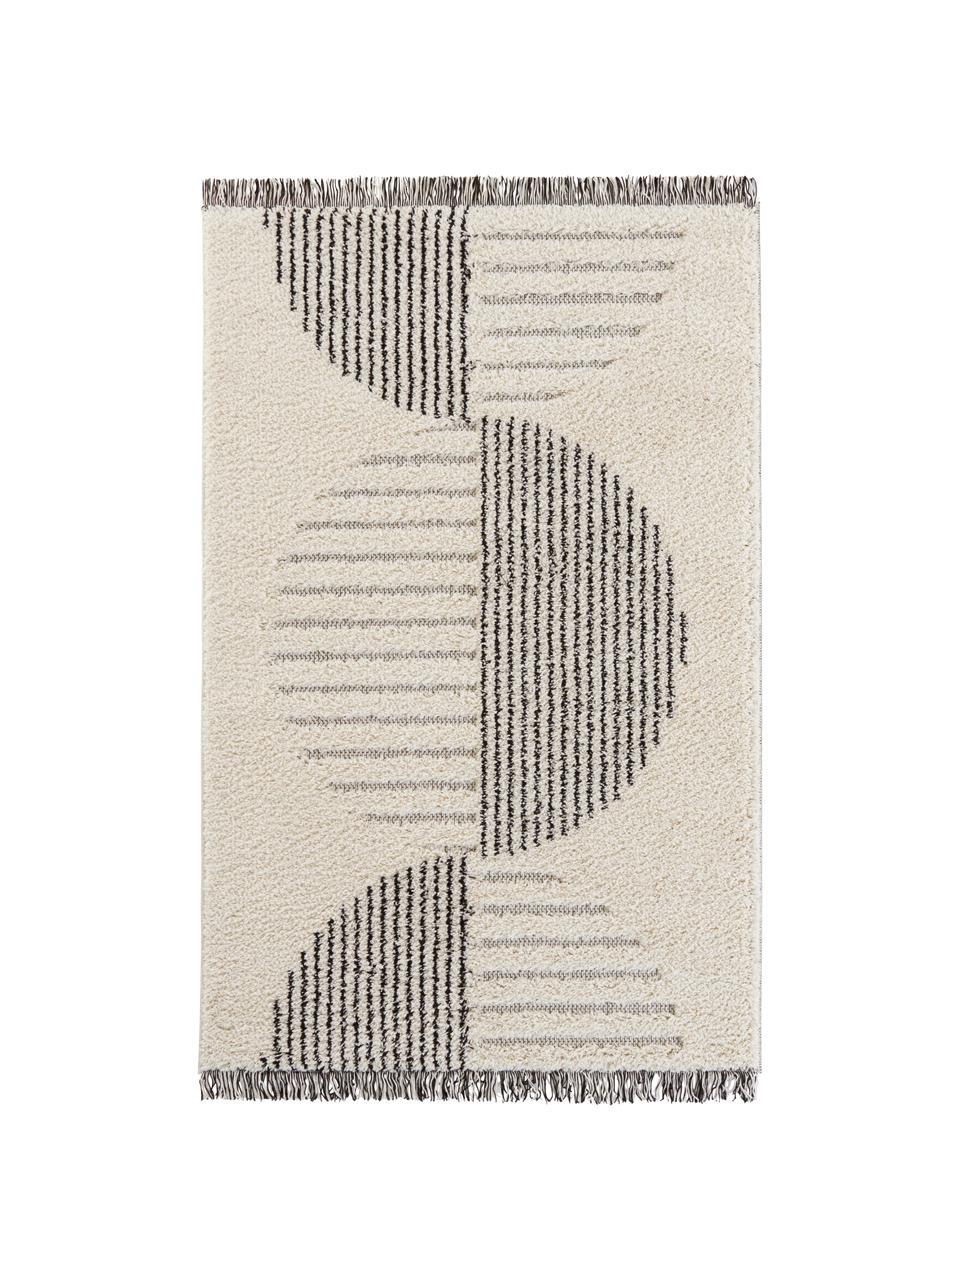 Hochflorteppich Handira in Creme/Schwarz mit abstraktem Muster und Fransen, 93% Polypropylen, 7% Polyester, Beige, Schwarz, B 80 x L 150 cm (Größe XS)